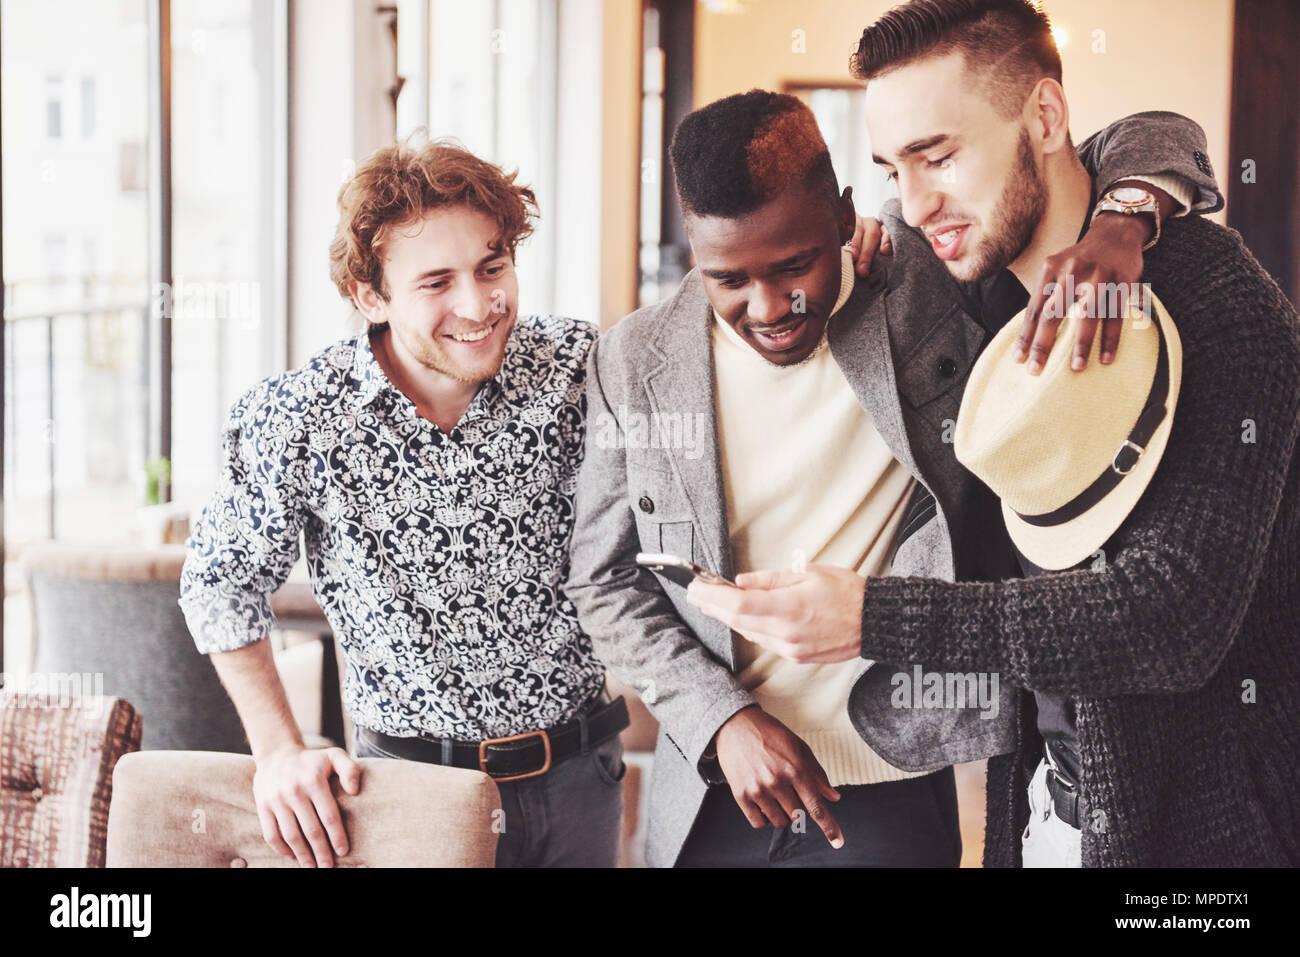 Cheerful vieux amis communiquer les uns avec les autres et du téléphone dans un pub. Notion de divertissement et de style de vie. Connexion Wi-Fi au réseau local connecté au bar de la table de concertation Photo Stock